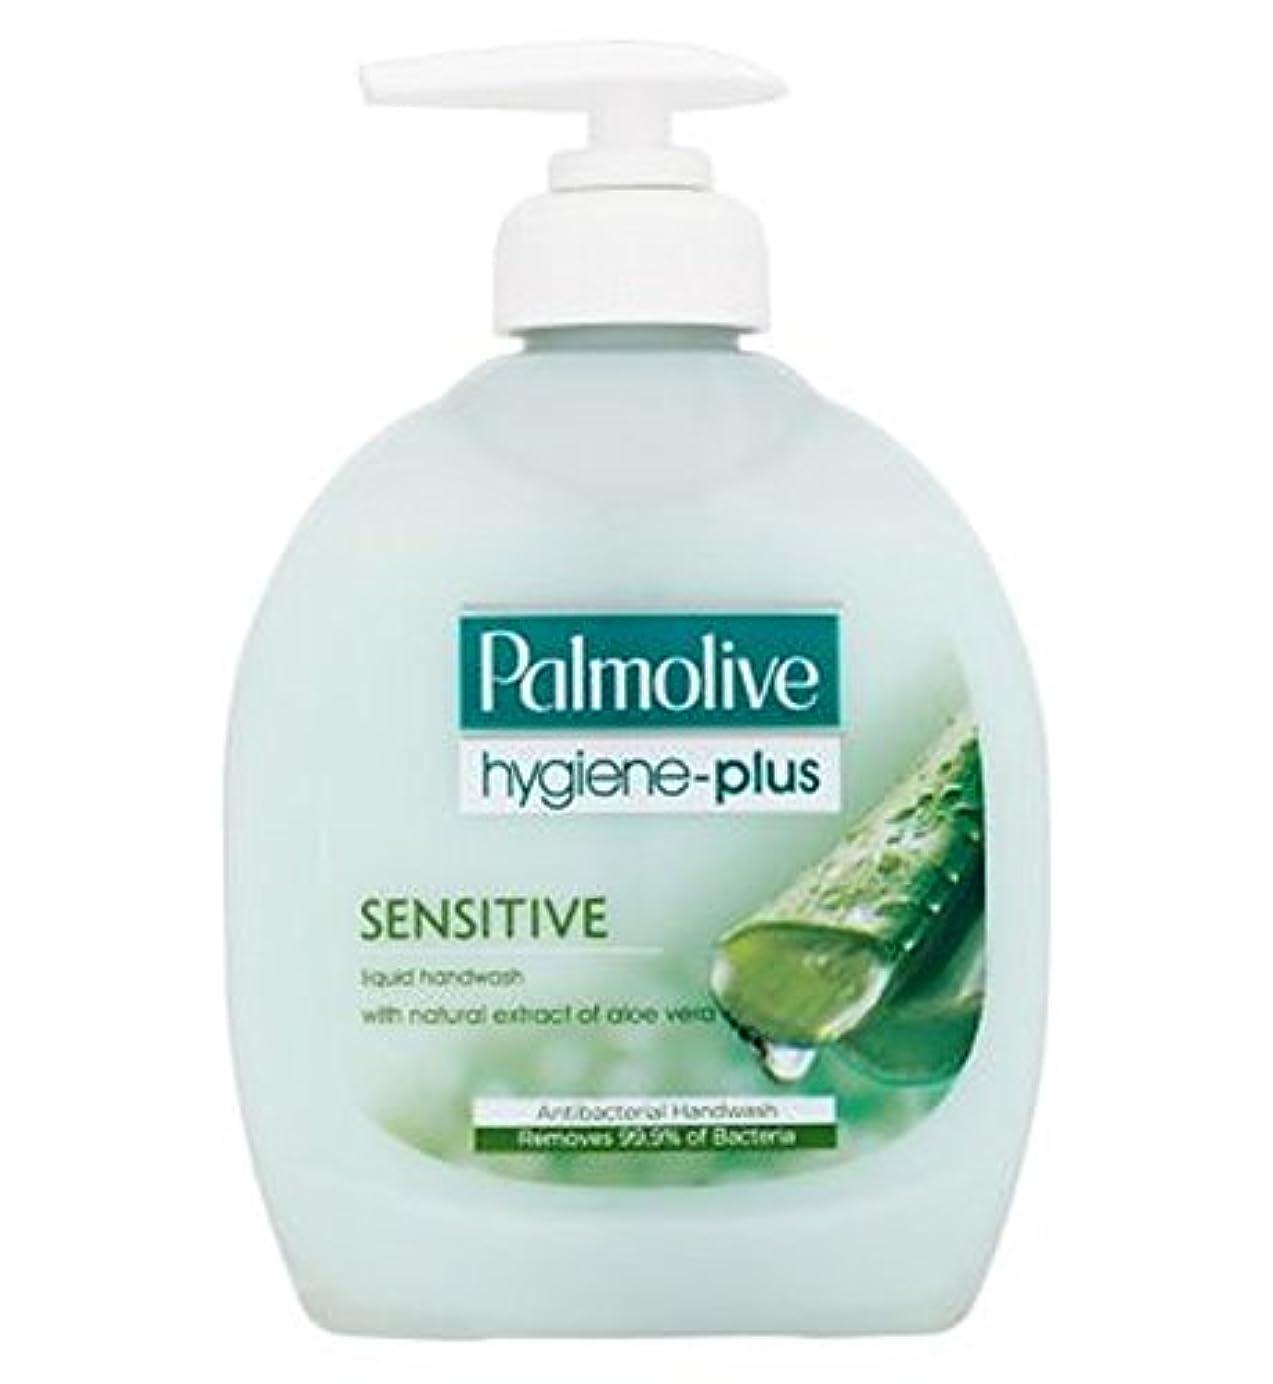 ハードウェア明らかにする検査官Palmolive Hygiene Plus Sensitive Handwash - パルモ衛生プラス敏感手洗い (Palmolive) [並行輸入品]